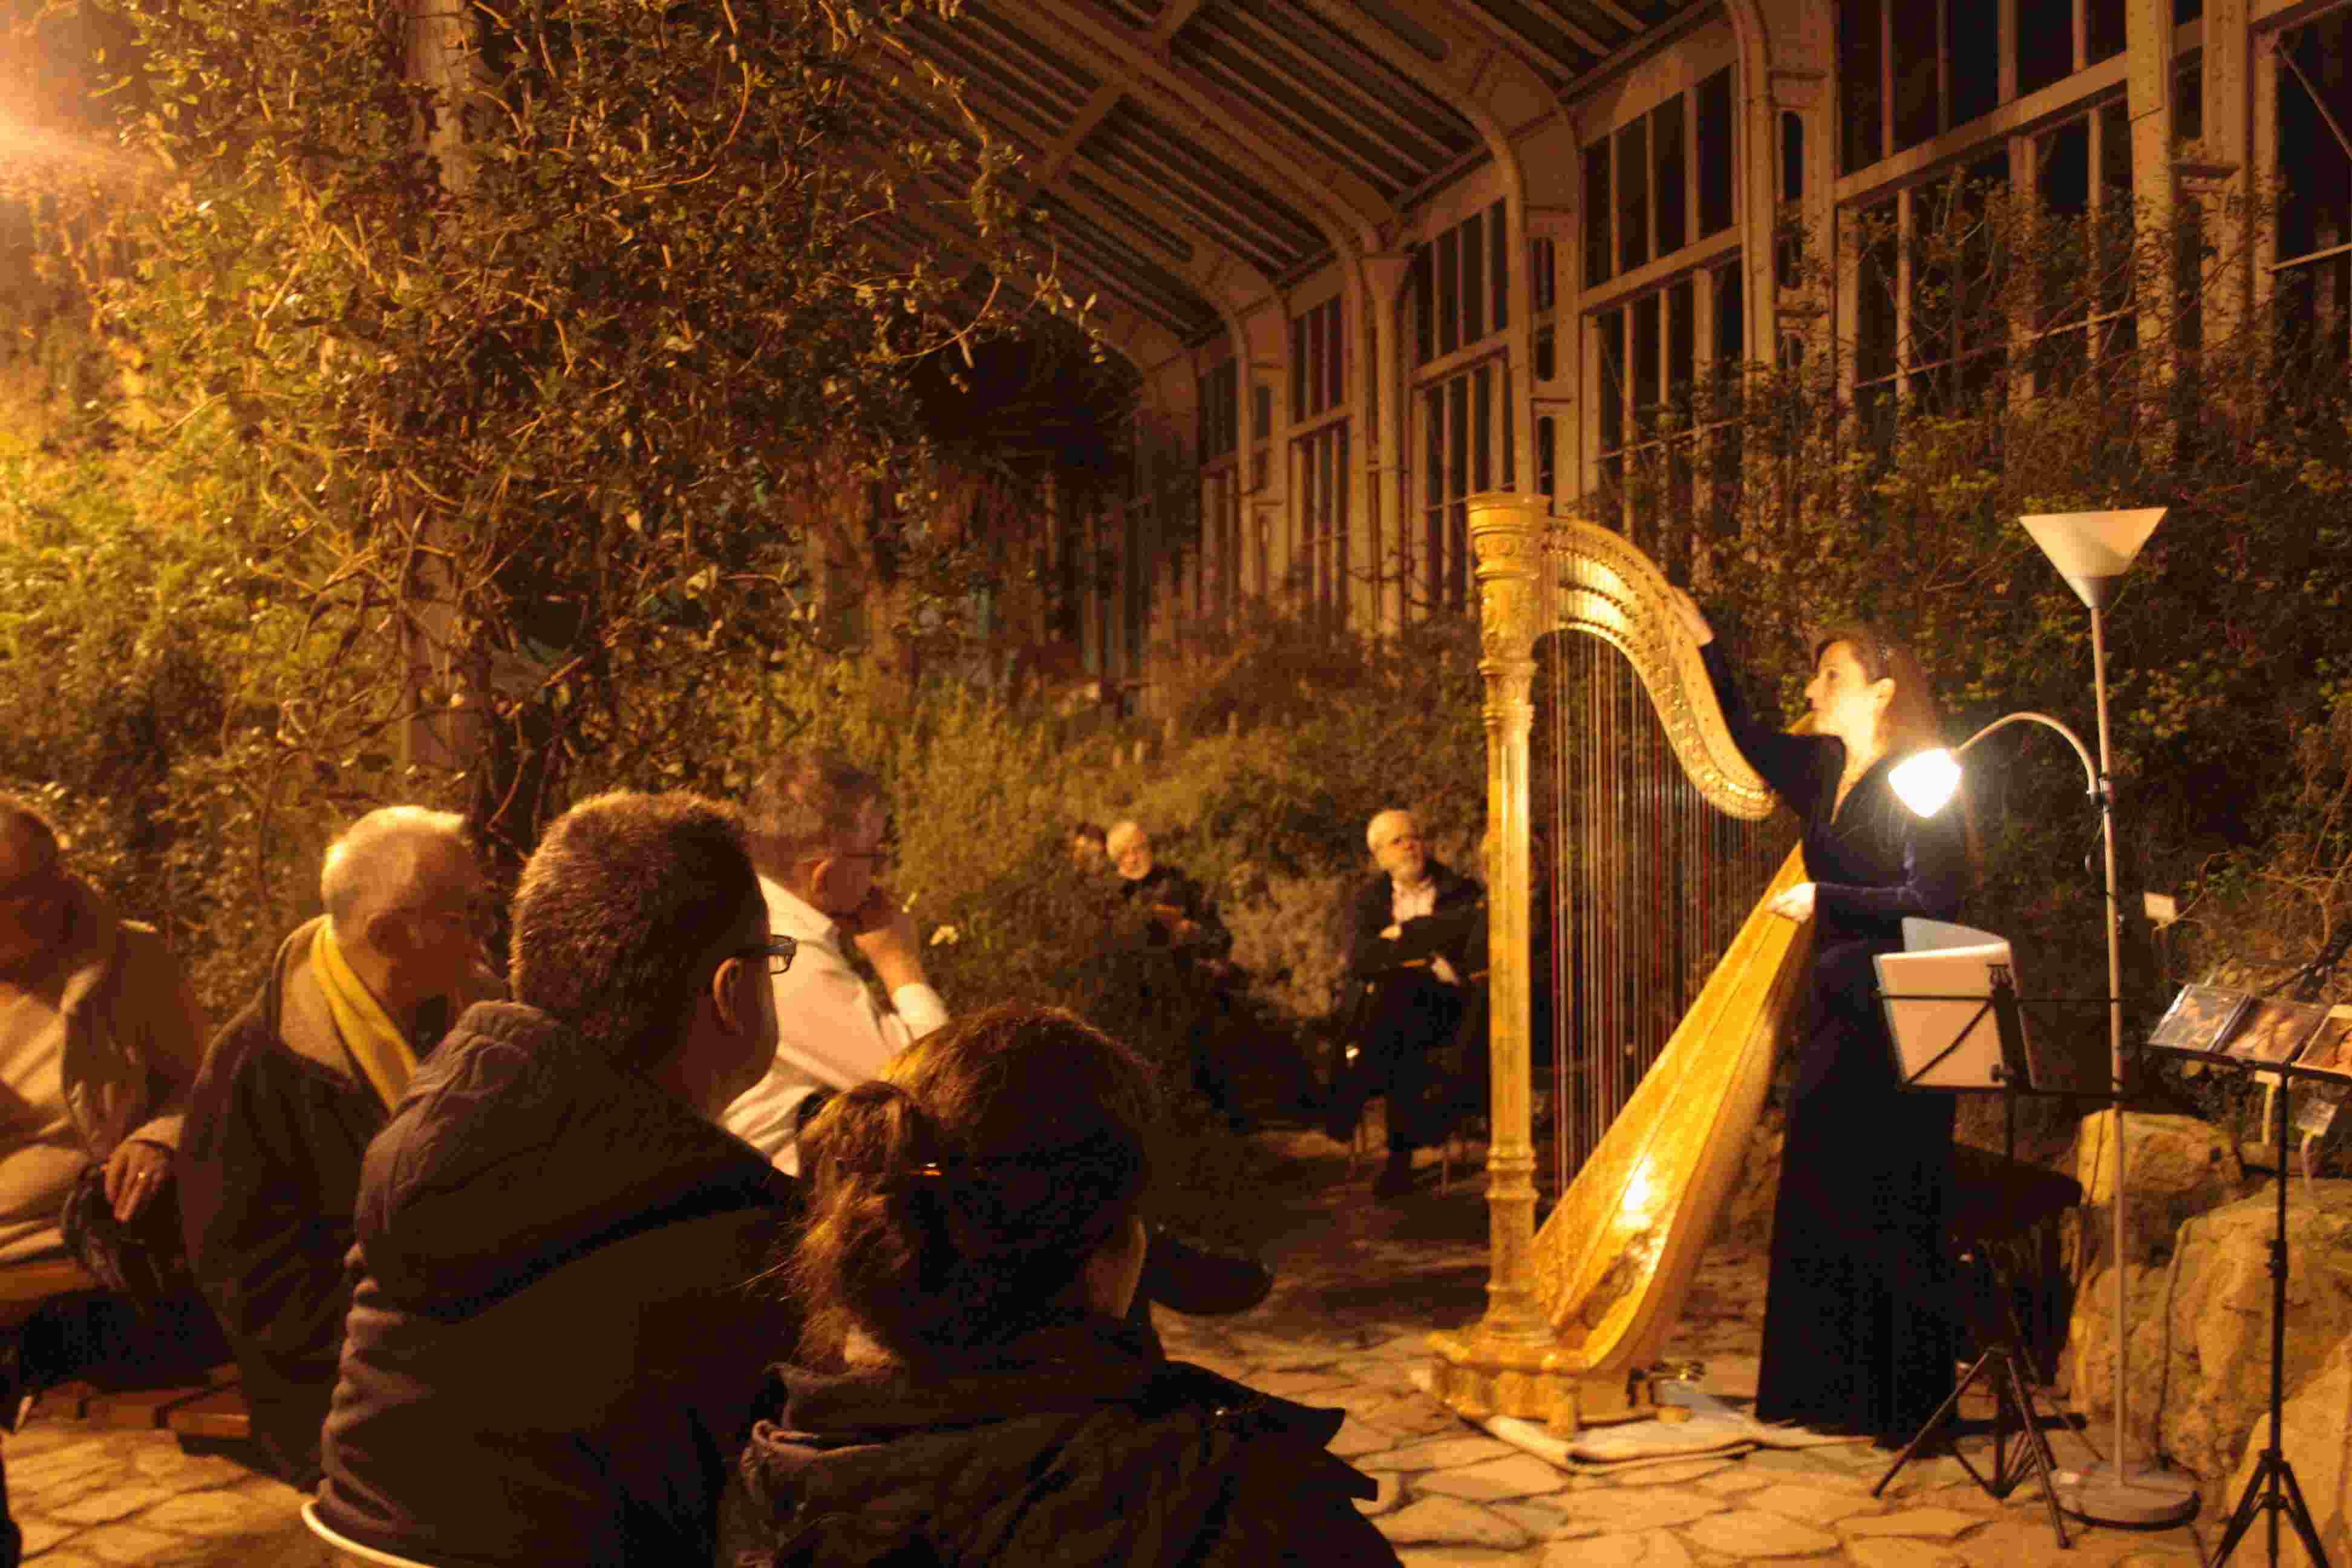 Sinfonie unter Palmen: Botanischer Garten lädt ein